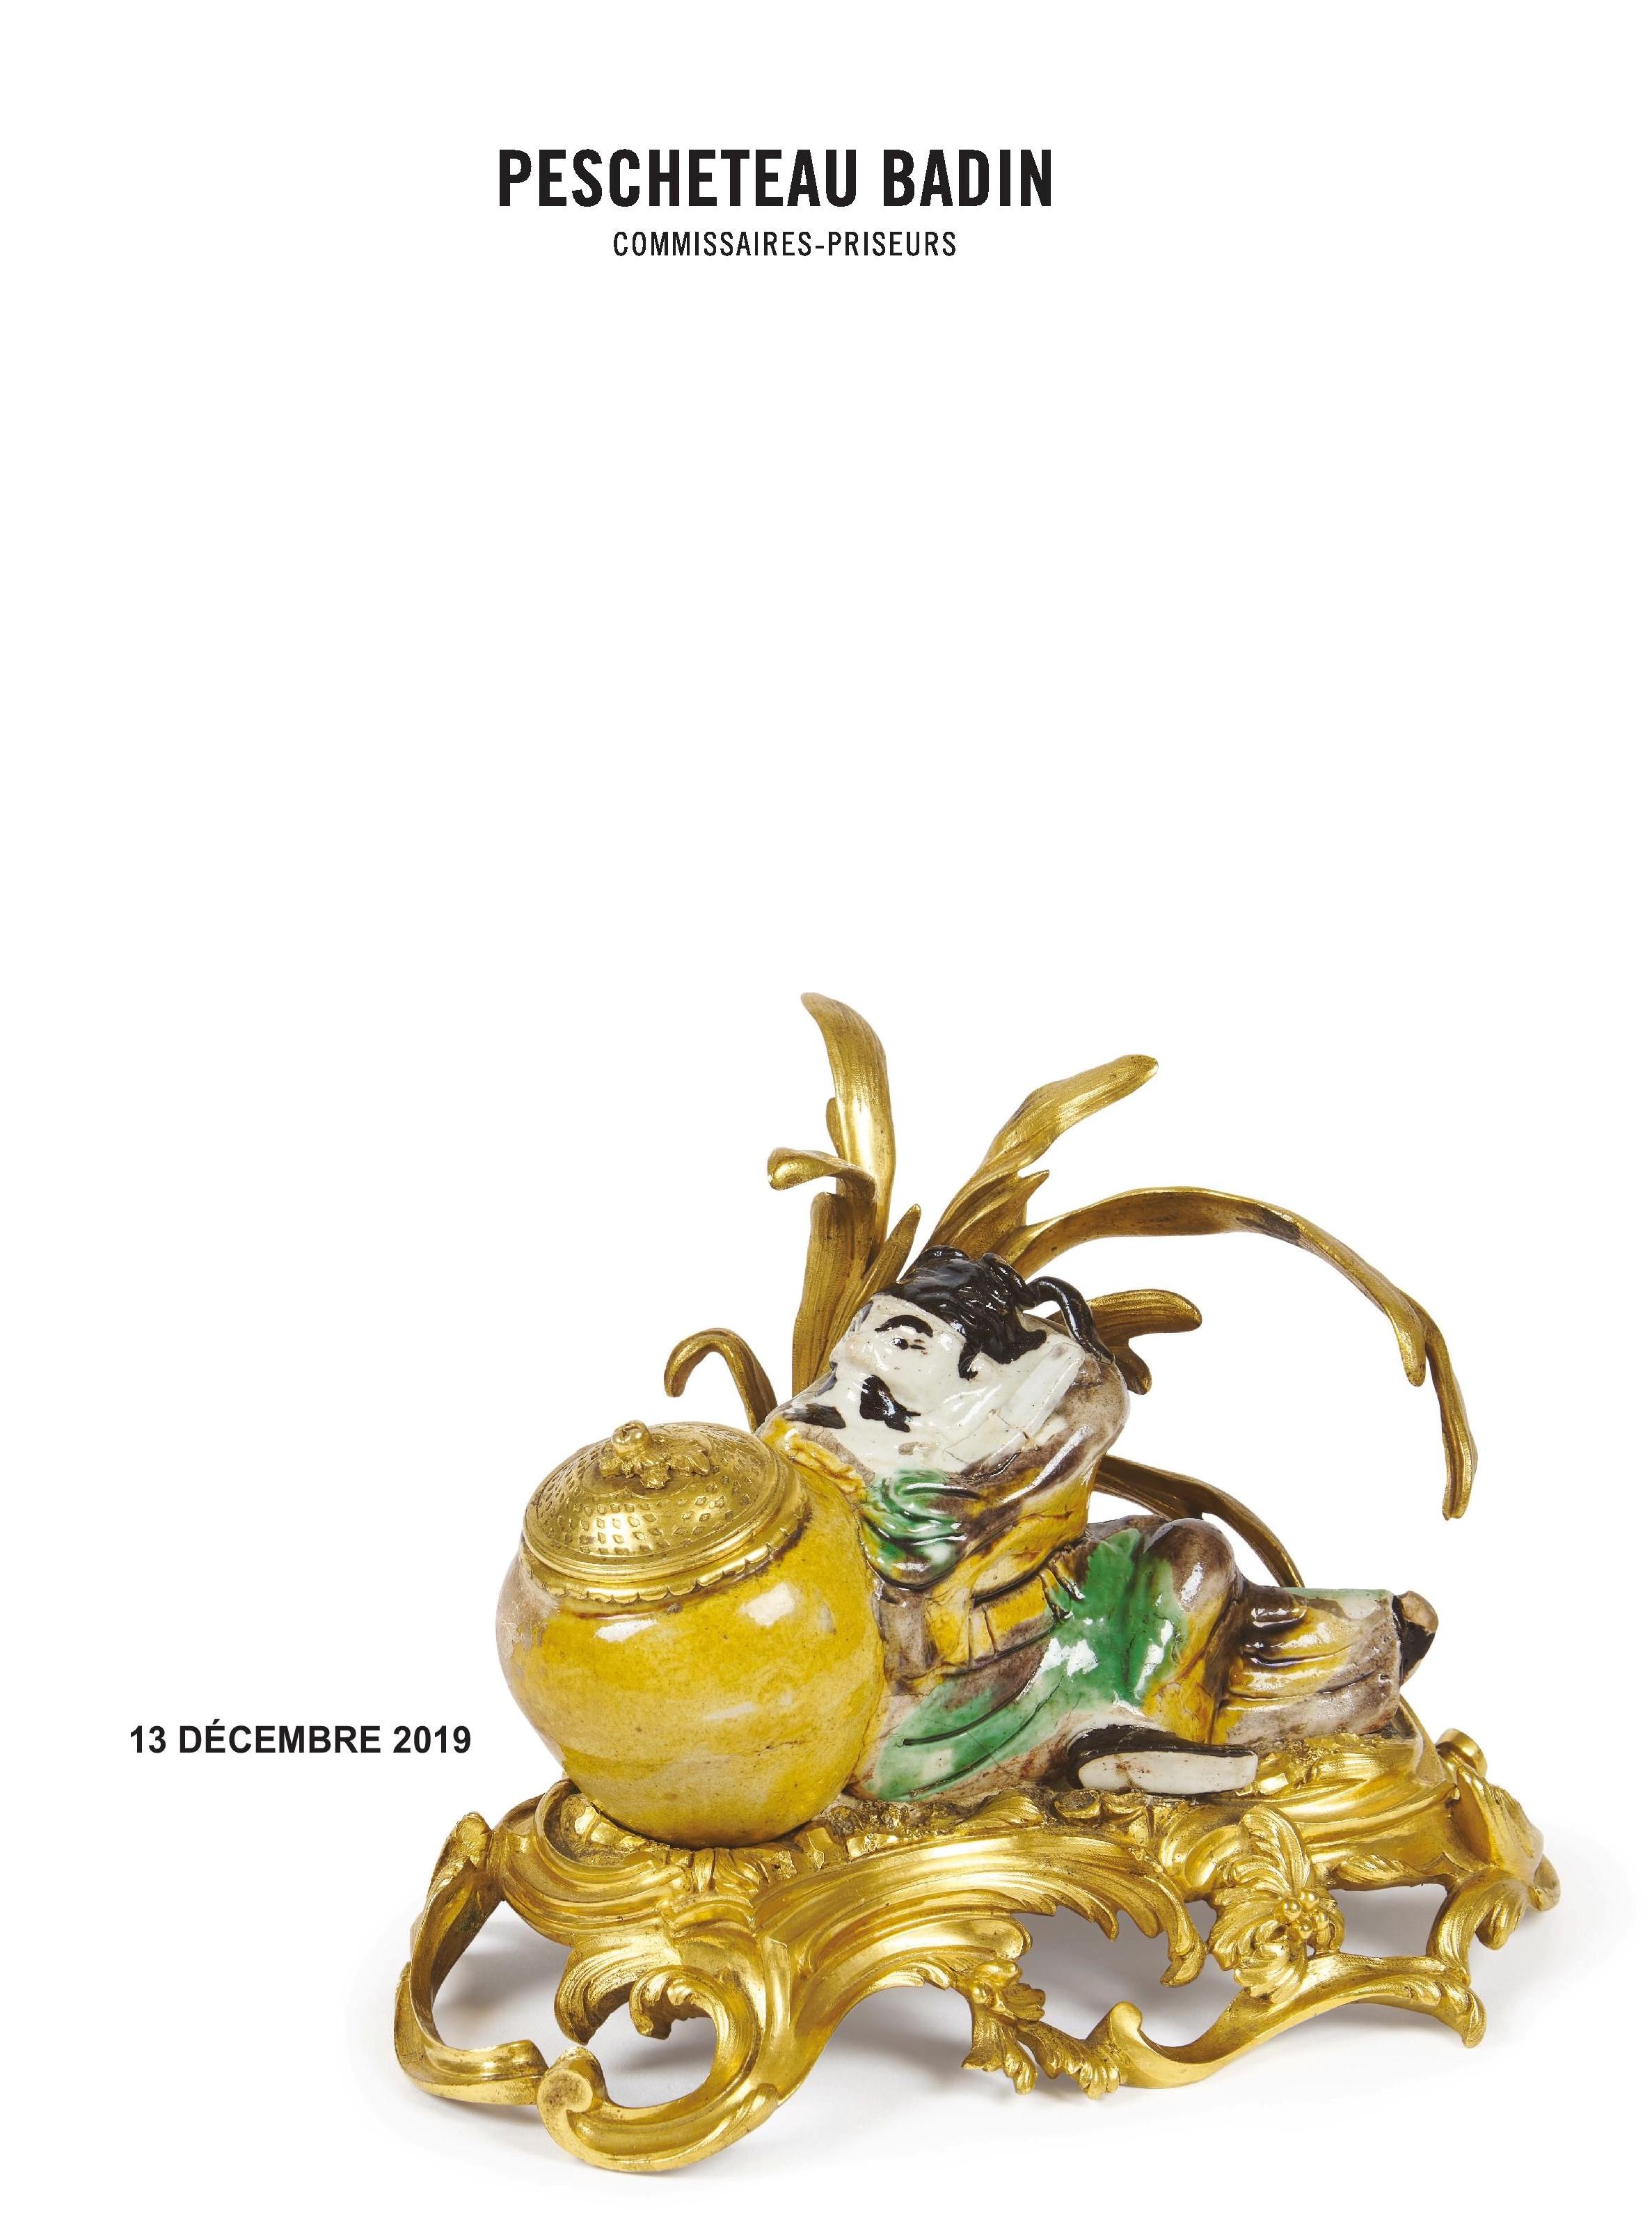 Vente Dessins & Tableaux Anciens, Objets d'Art & d'Ameublement, Arts et Porcelaines d'Asie chez Pescheteau-Badin : 350 lots